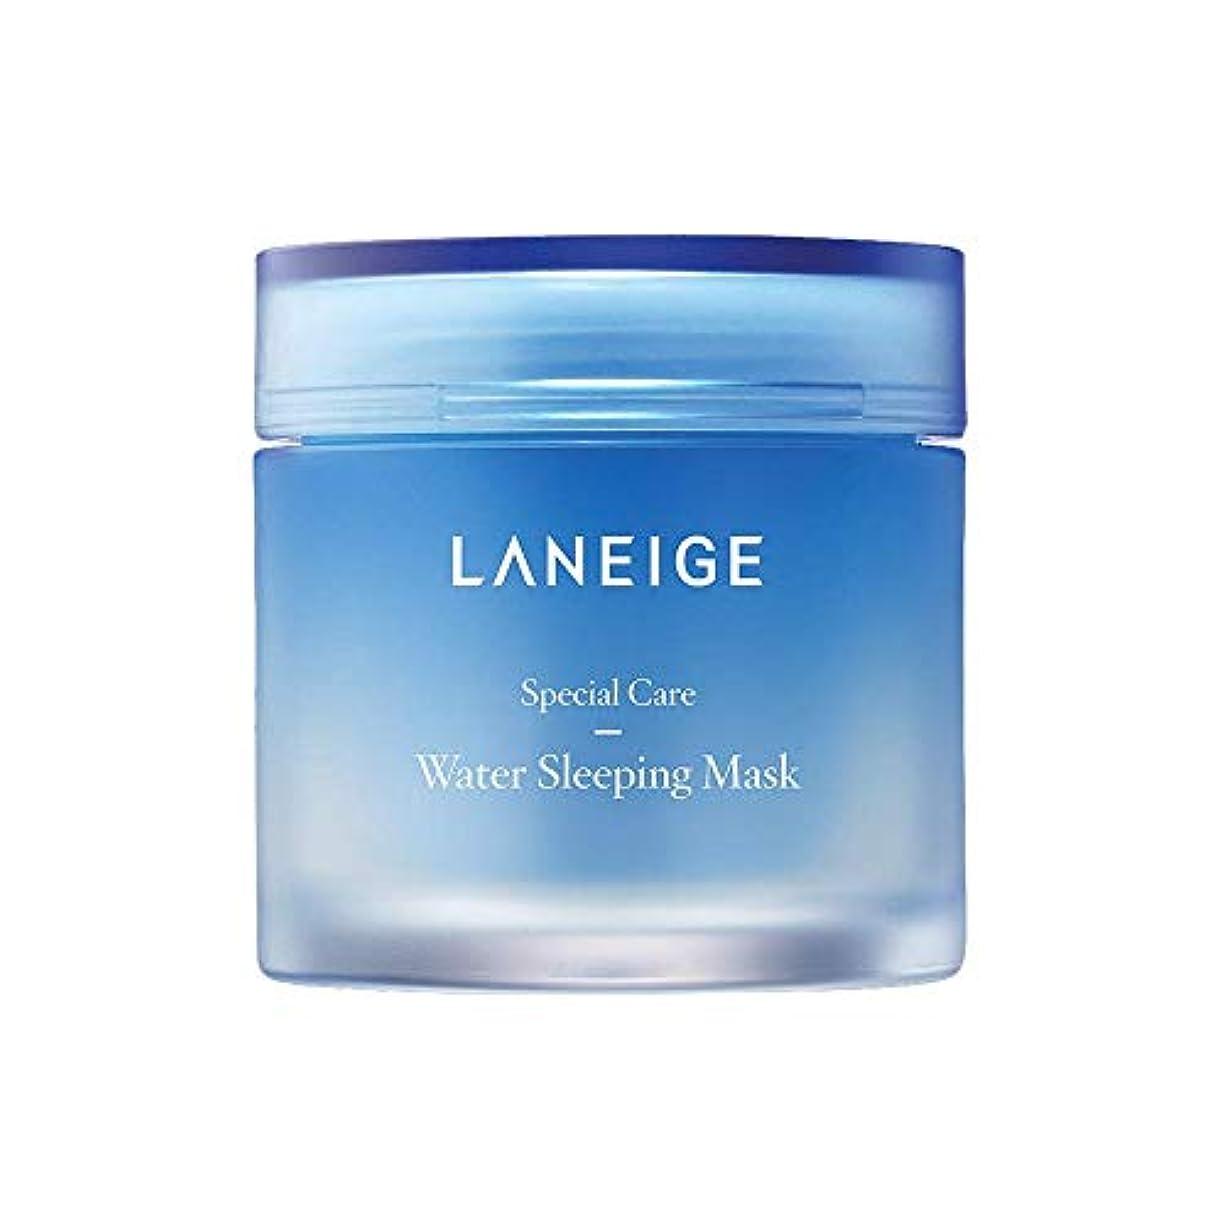 重さ卵大胆Water Sleeping Mask 70ml/ウォーター スリーピング マスク 70ml [50個限定!人気商品のサンプルプレゼント!]